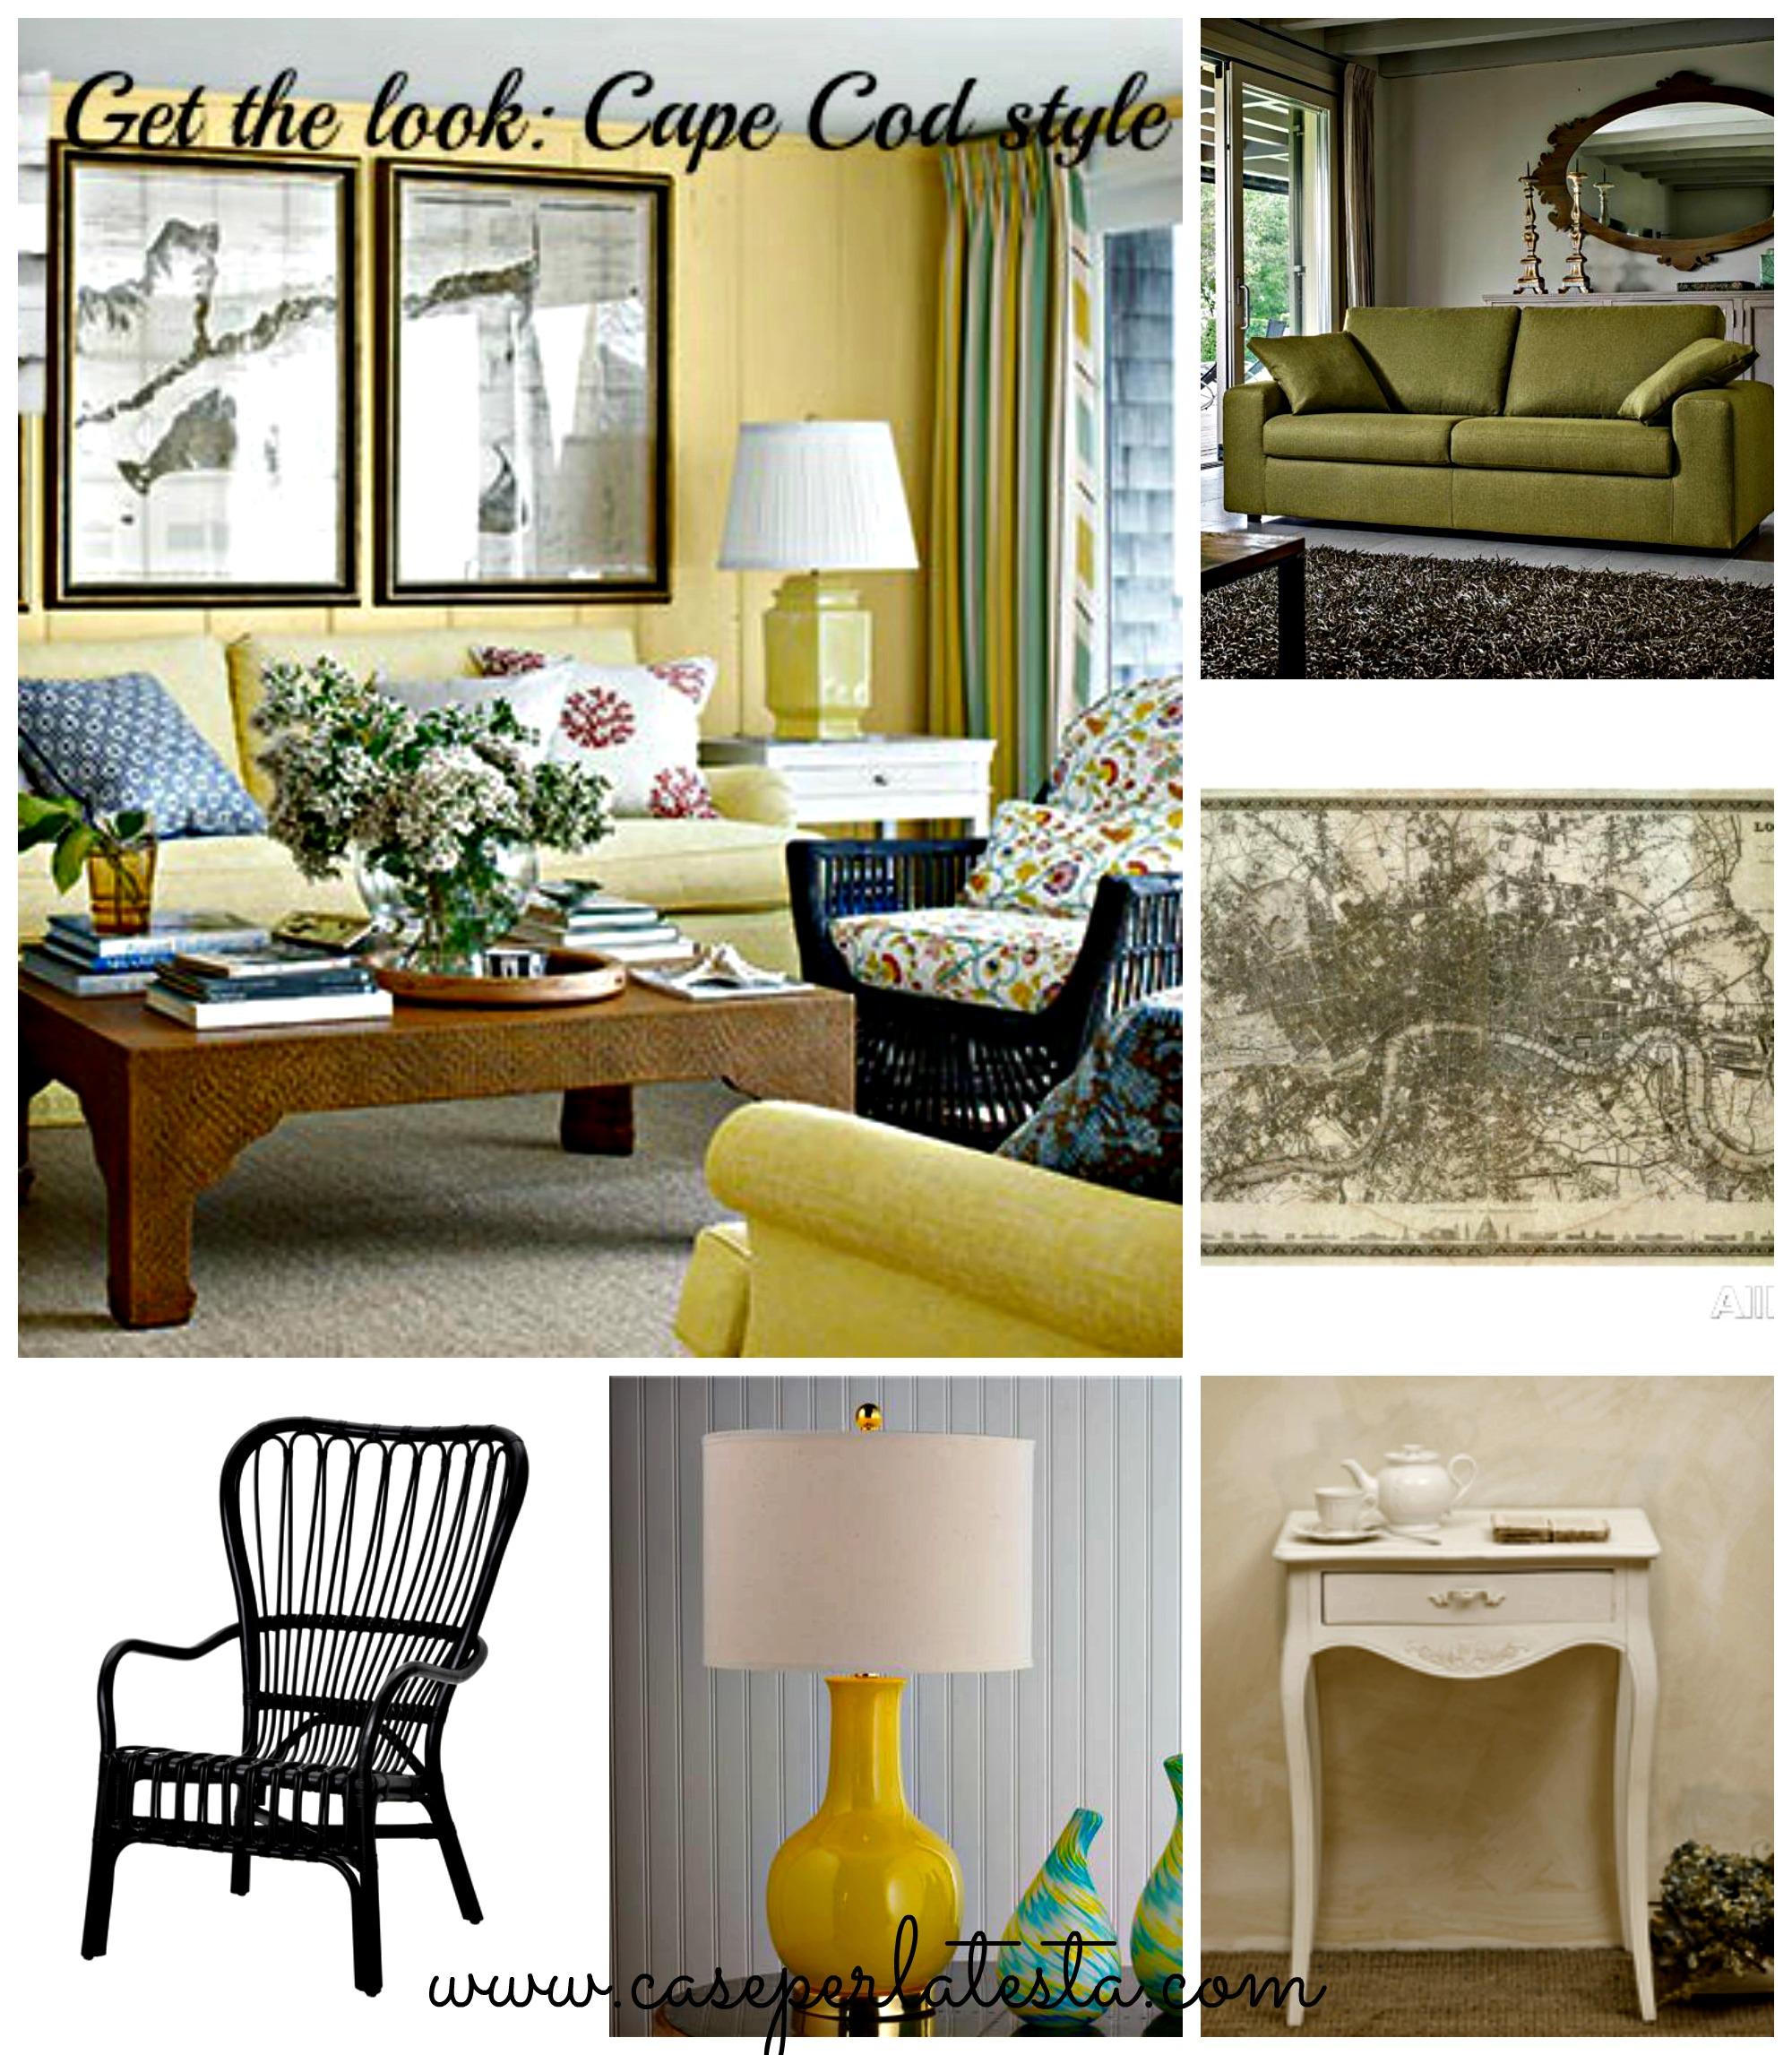 Get the look: come arredare il soggiorno in stile Cape Cod ...